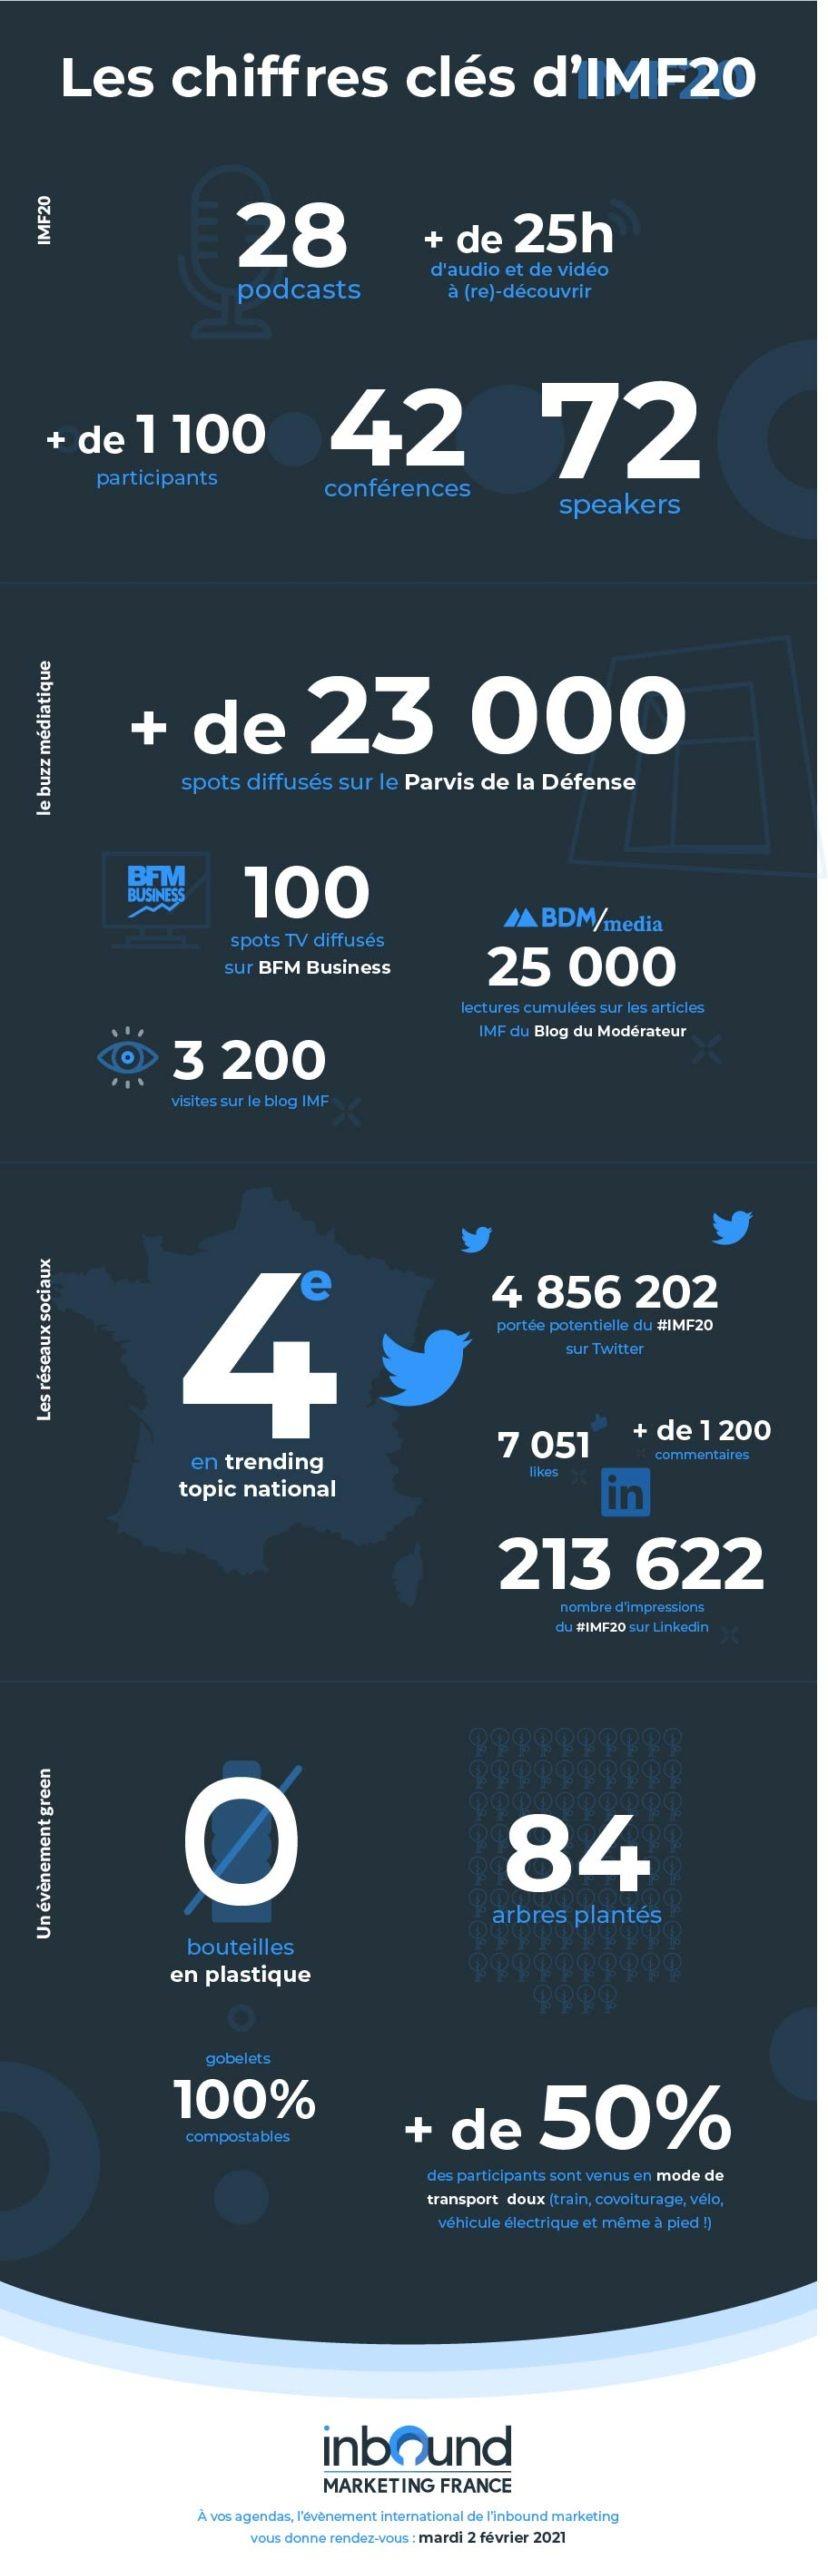 IMF20 Infographie bilan chiffres clés